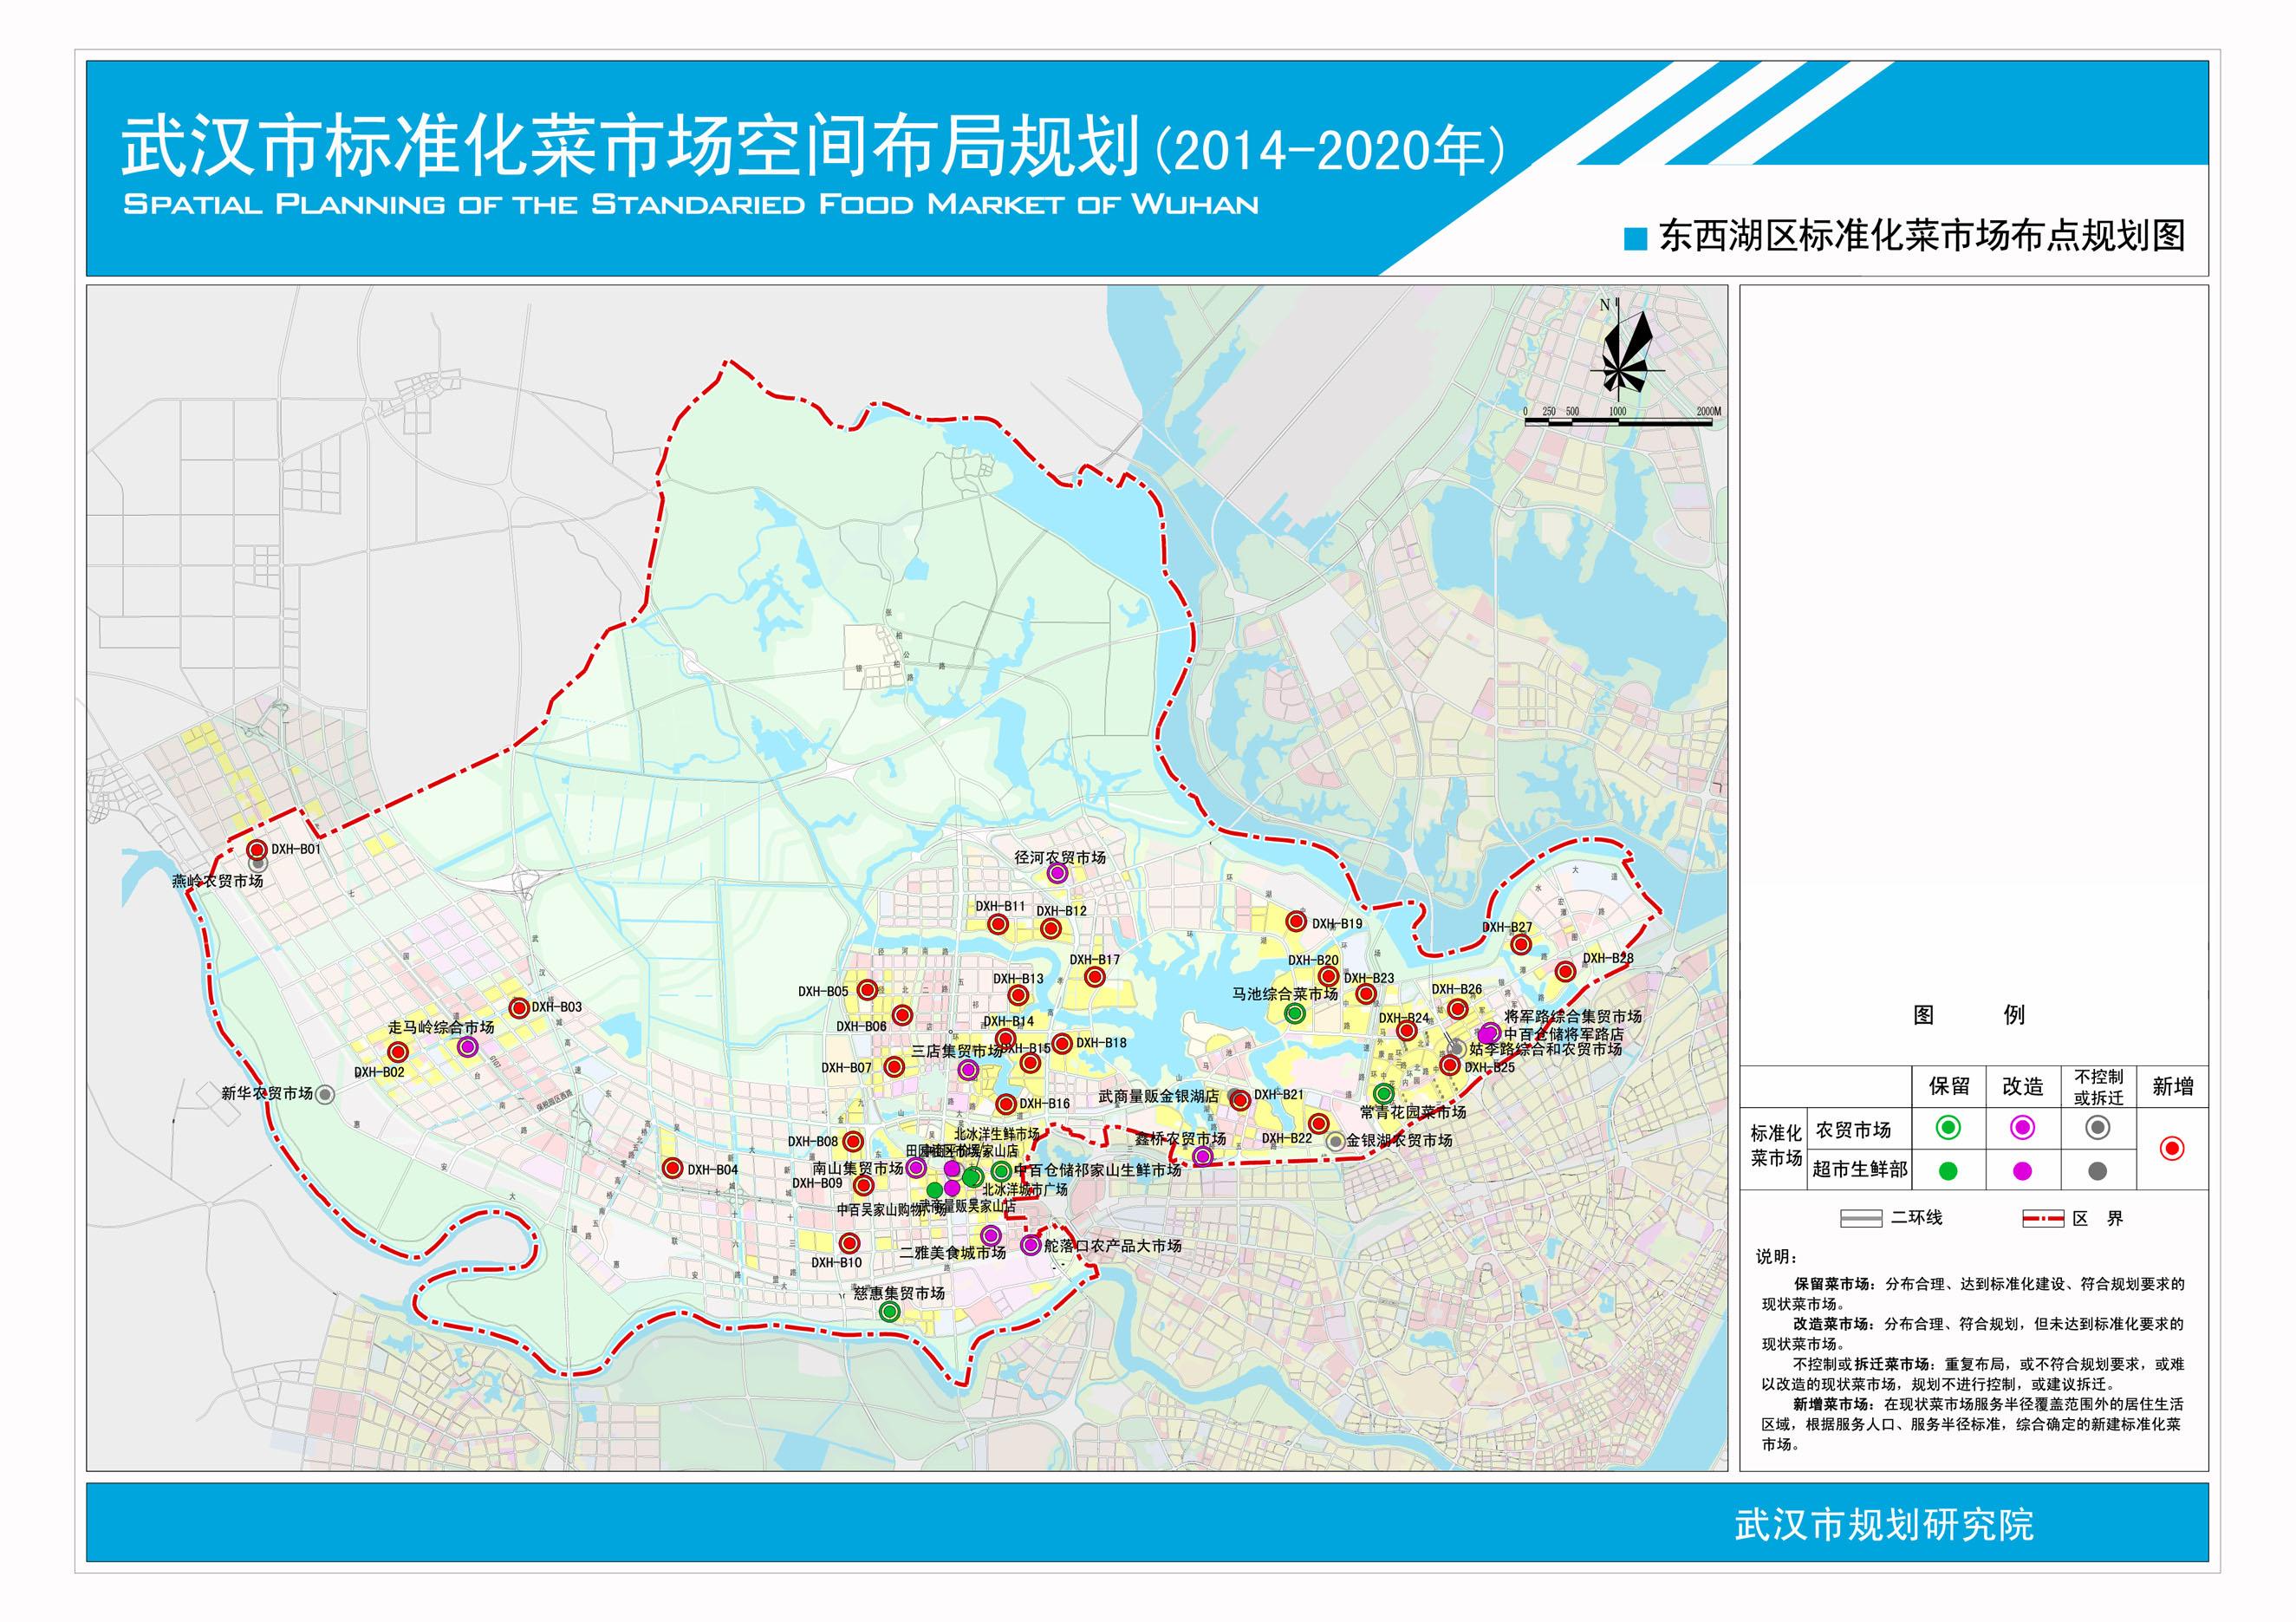 2014年测绘法宣传_武汉市标准化菜市场空间布局规划(2014-2020年)